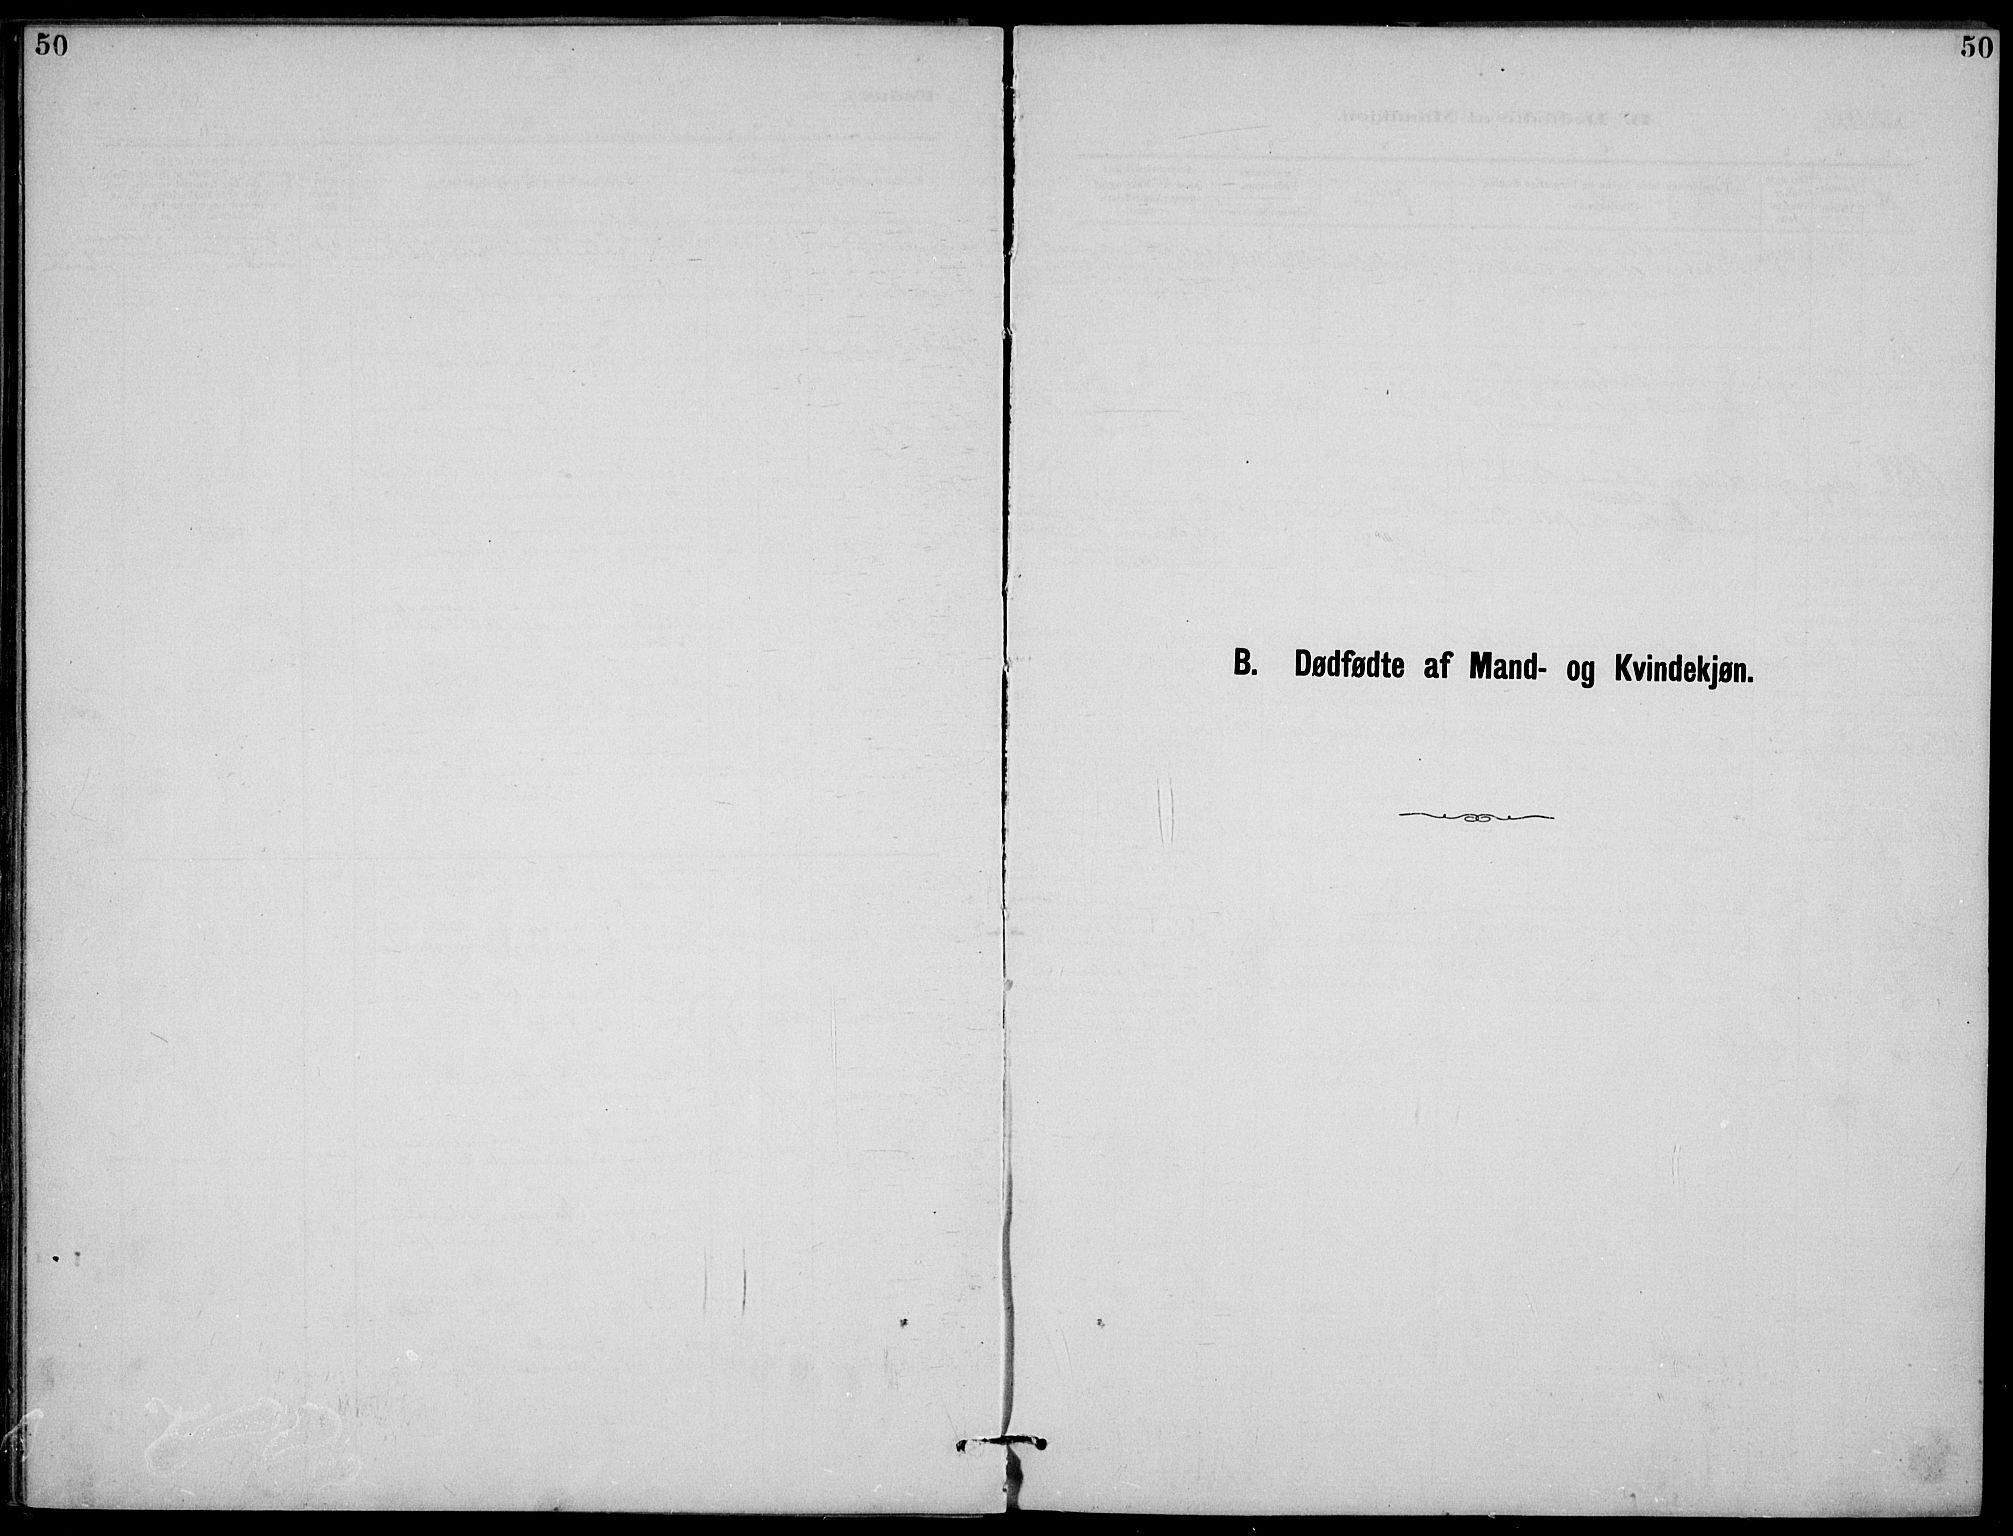 SAKO, Rjukan kirkebøker, G/Ga/L0001: Klokkerbok nr. 1, 1880-1914, s. 50